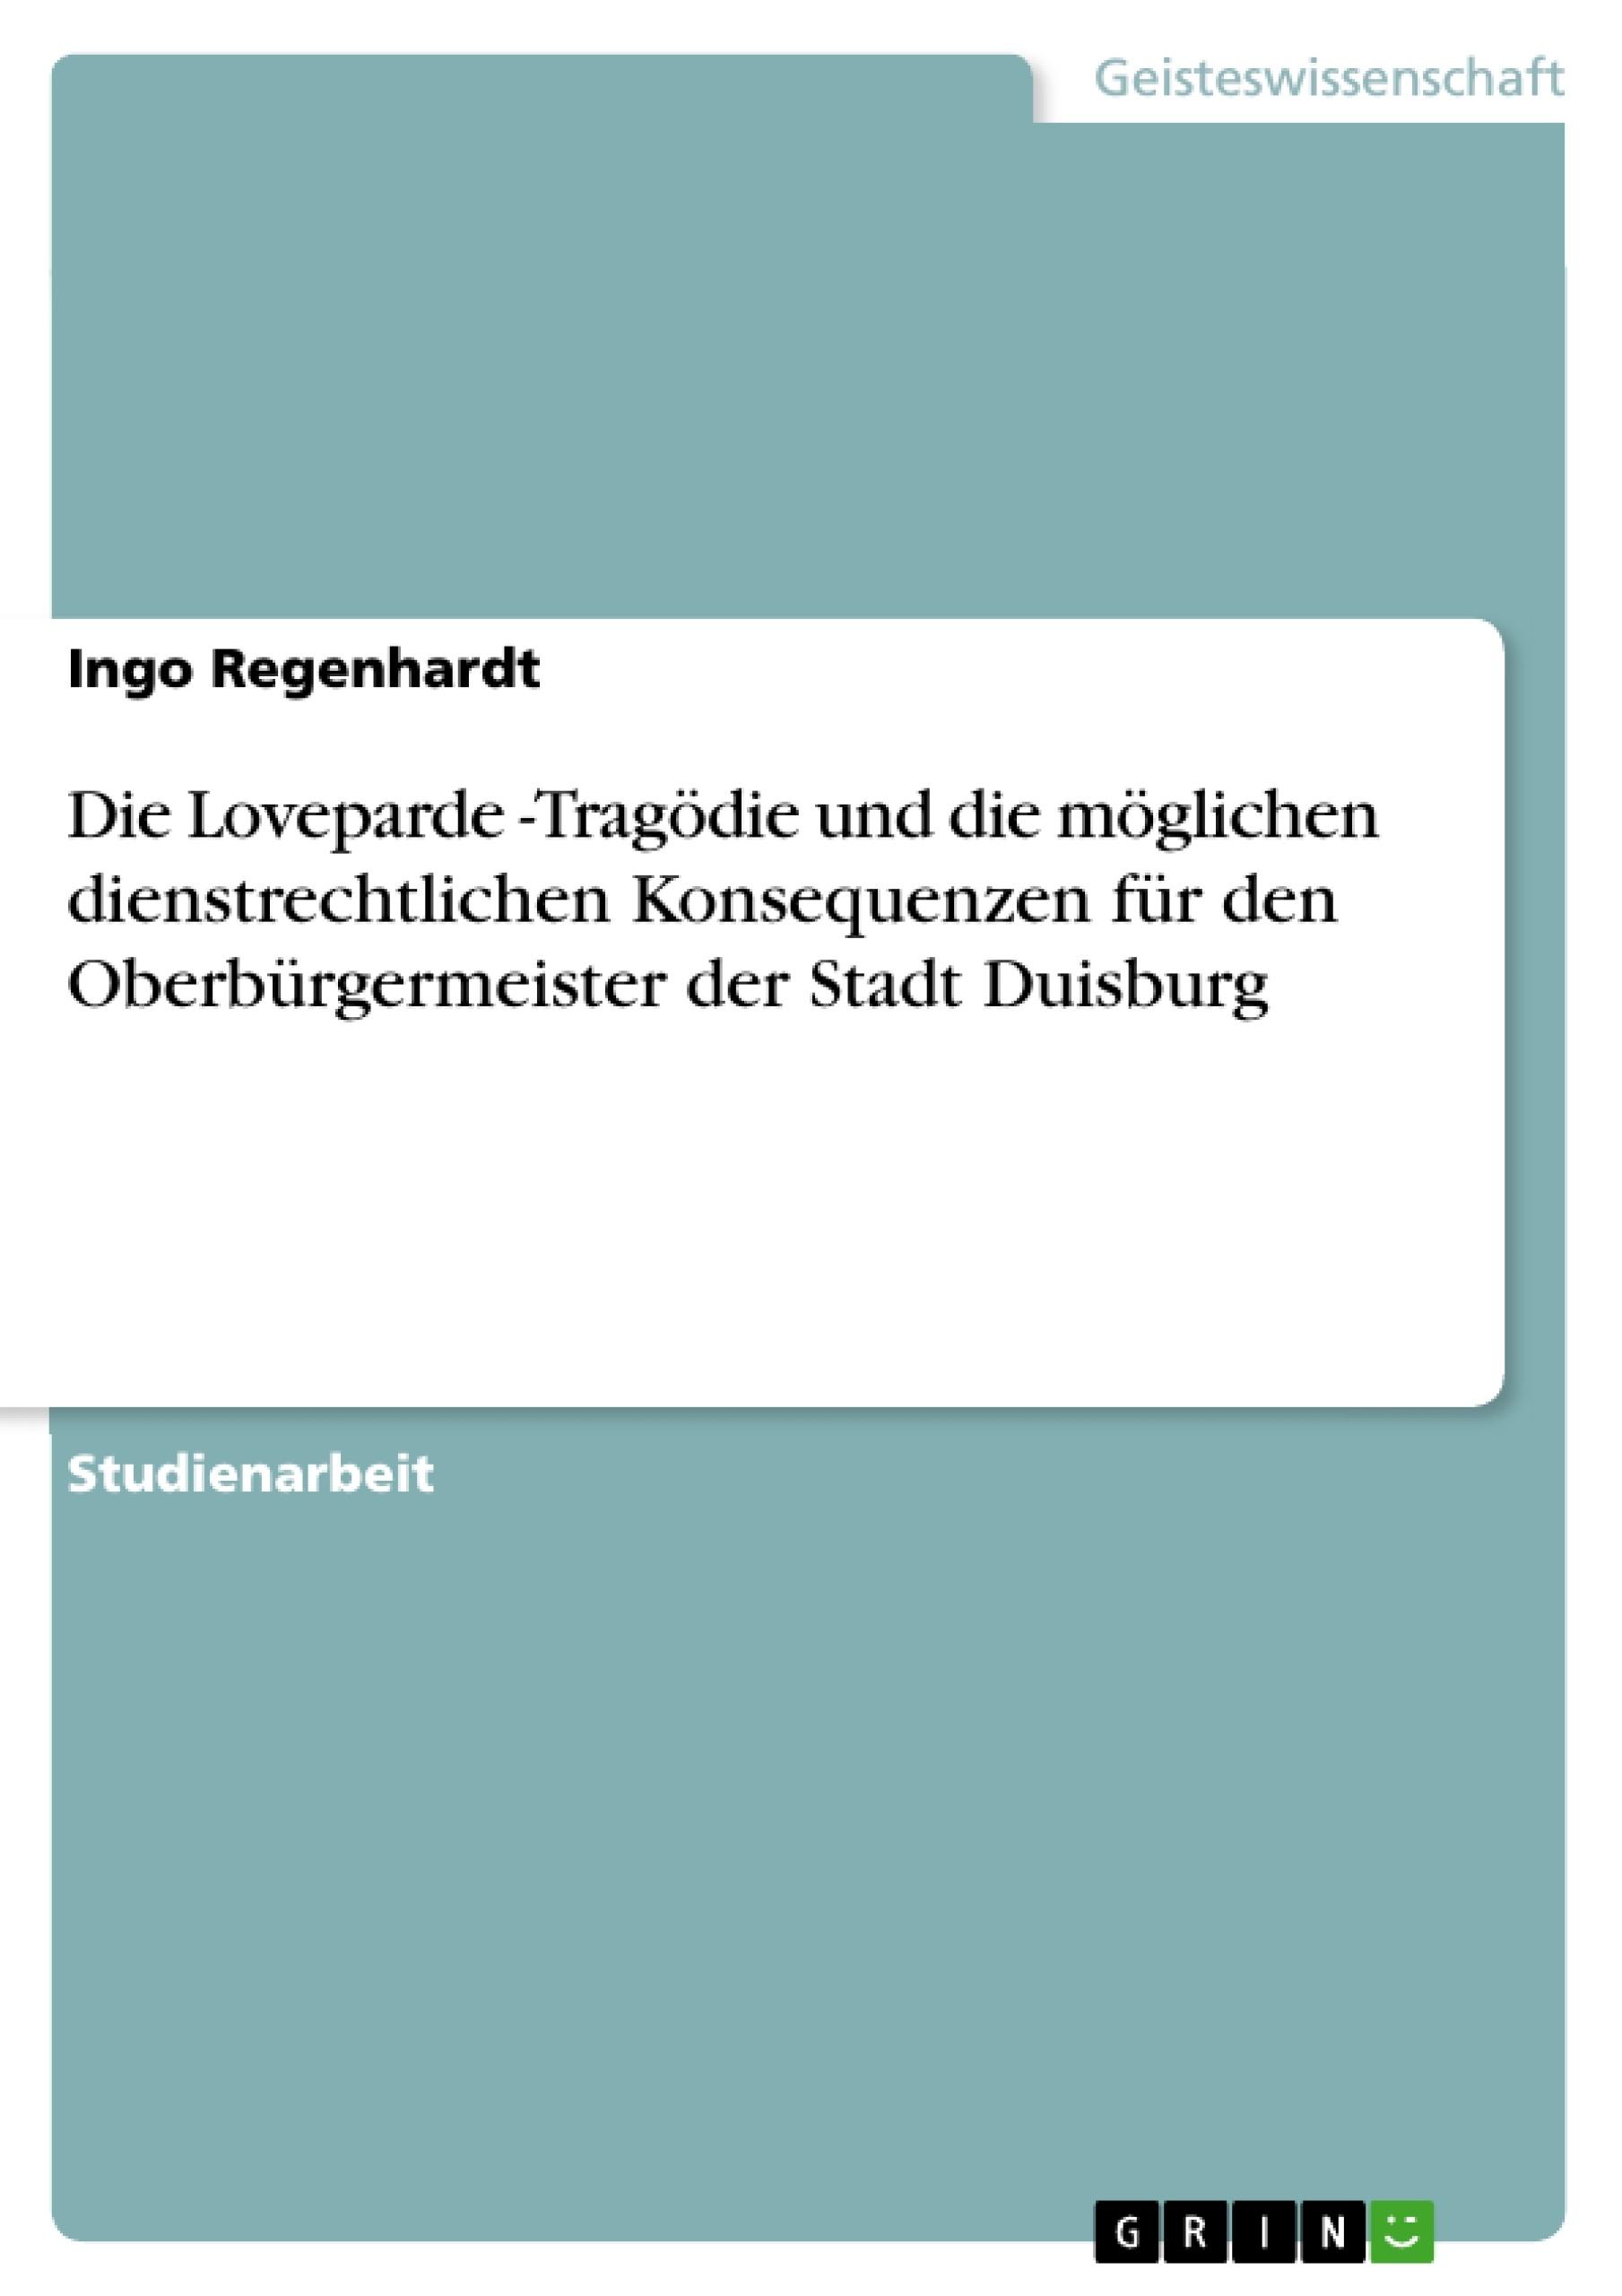 Titel: Die Loveparde -Tragödie und die möglichen dienstrechtlichen Konsequenzen für den Oberbürgermeister der Stadt Duisburg